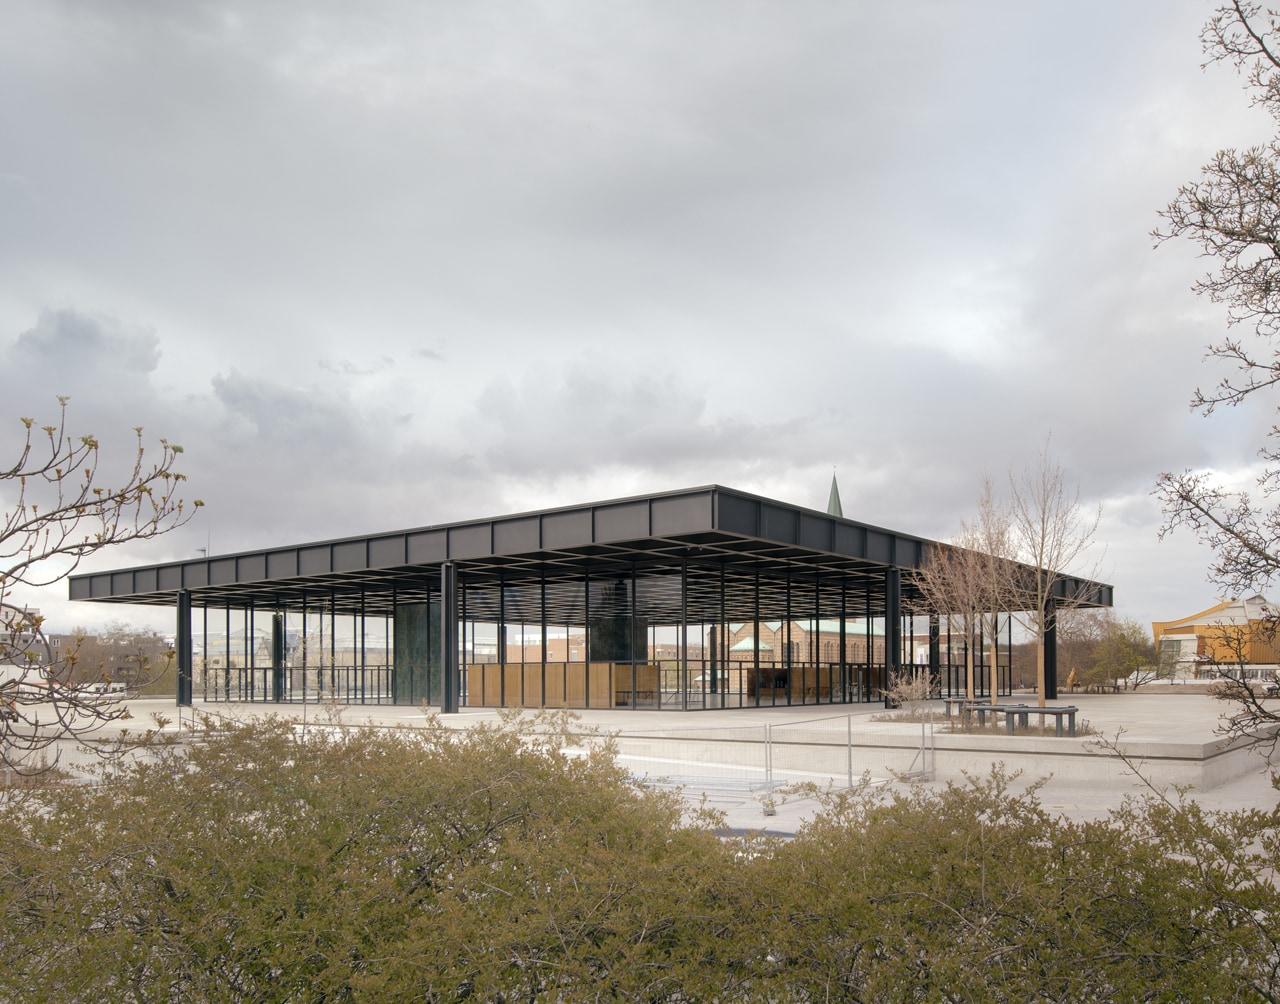 Neue Nationalgalerie Exterior view, 2021© Ludwig Mies van der Rohe / VG Bild-Kunst, Bonn 2021 / Simon Menges